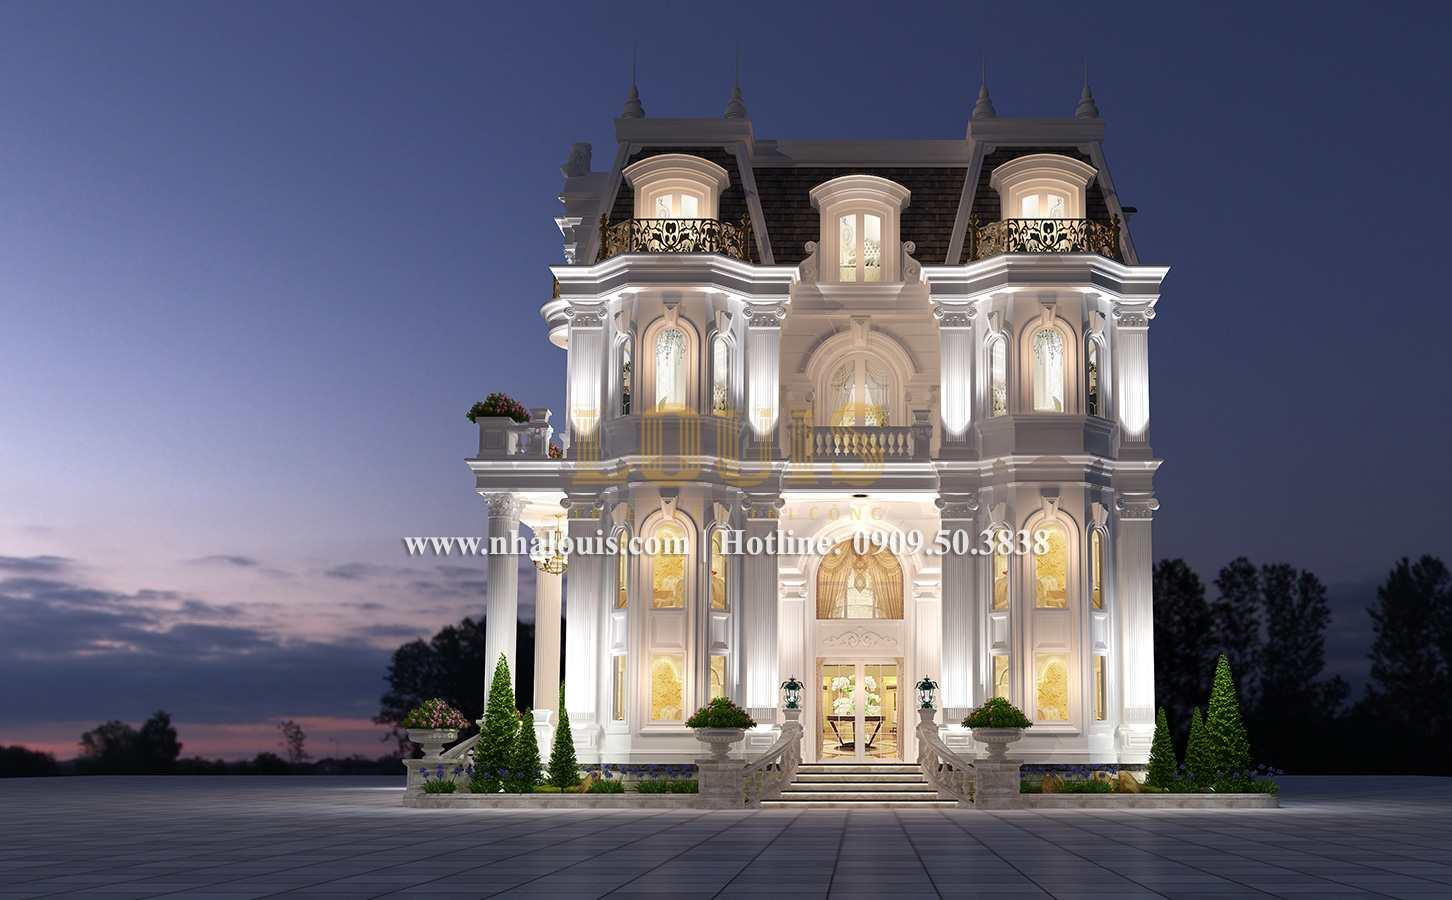 Mặt tiền Mẫu biệt thự kiến trúc Pháp tại Đồng Nai đẹp hoa lệ - 04